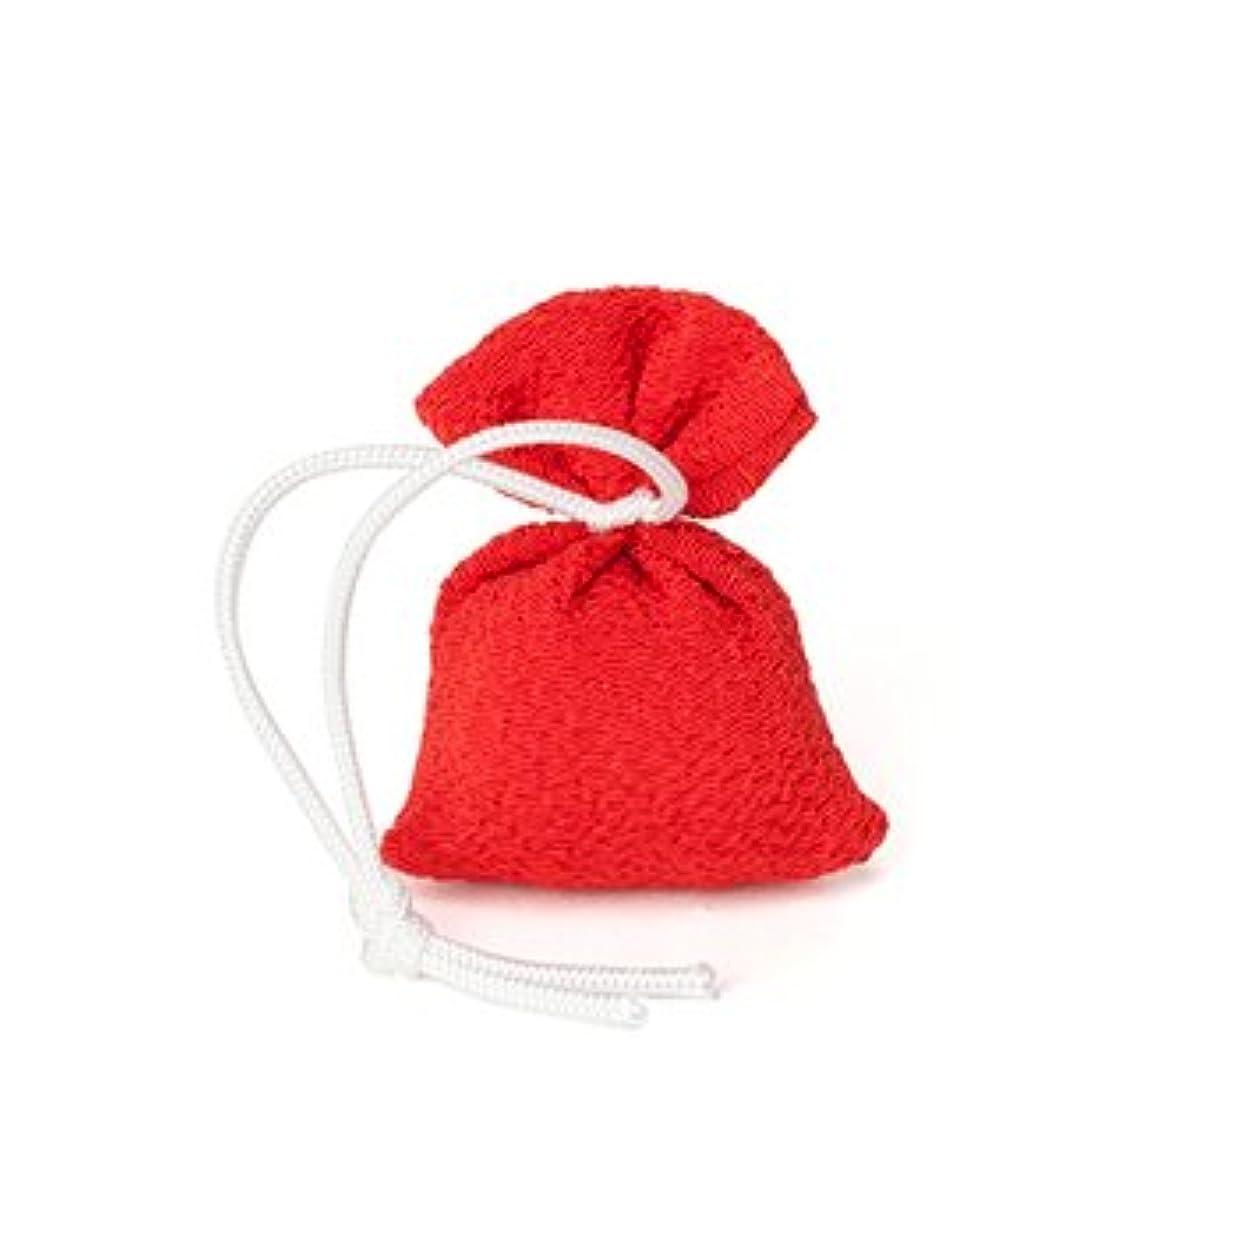 松栄堂 匂い袋 誰が袖 携帯用 1個入 ケースなし (色をお選びください) (赤)